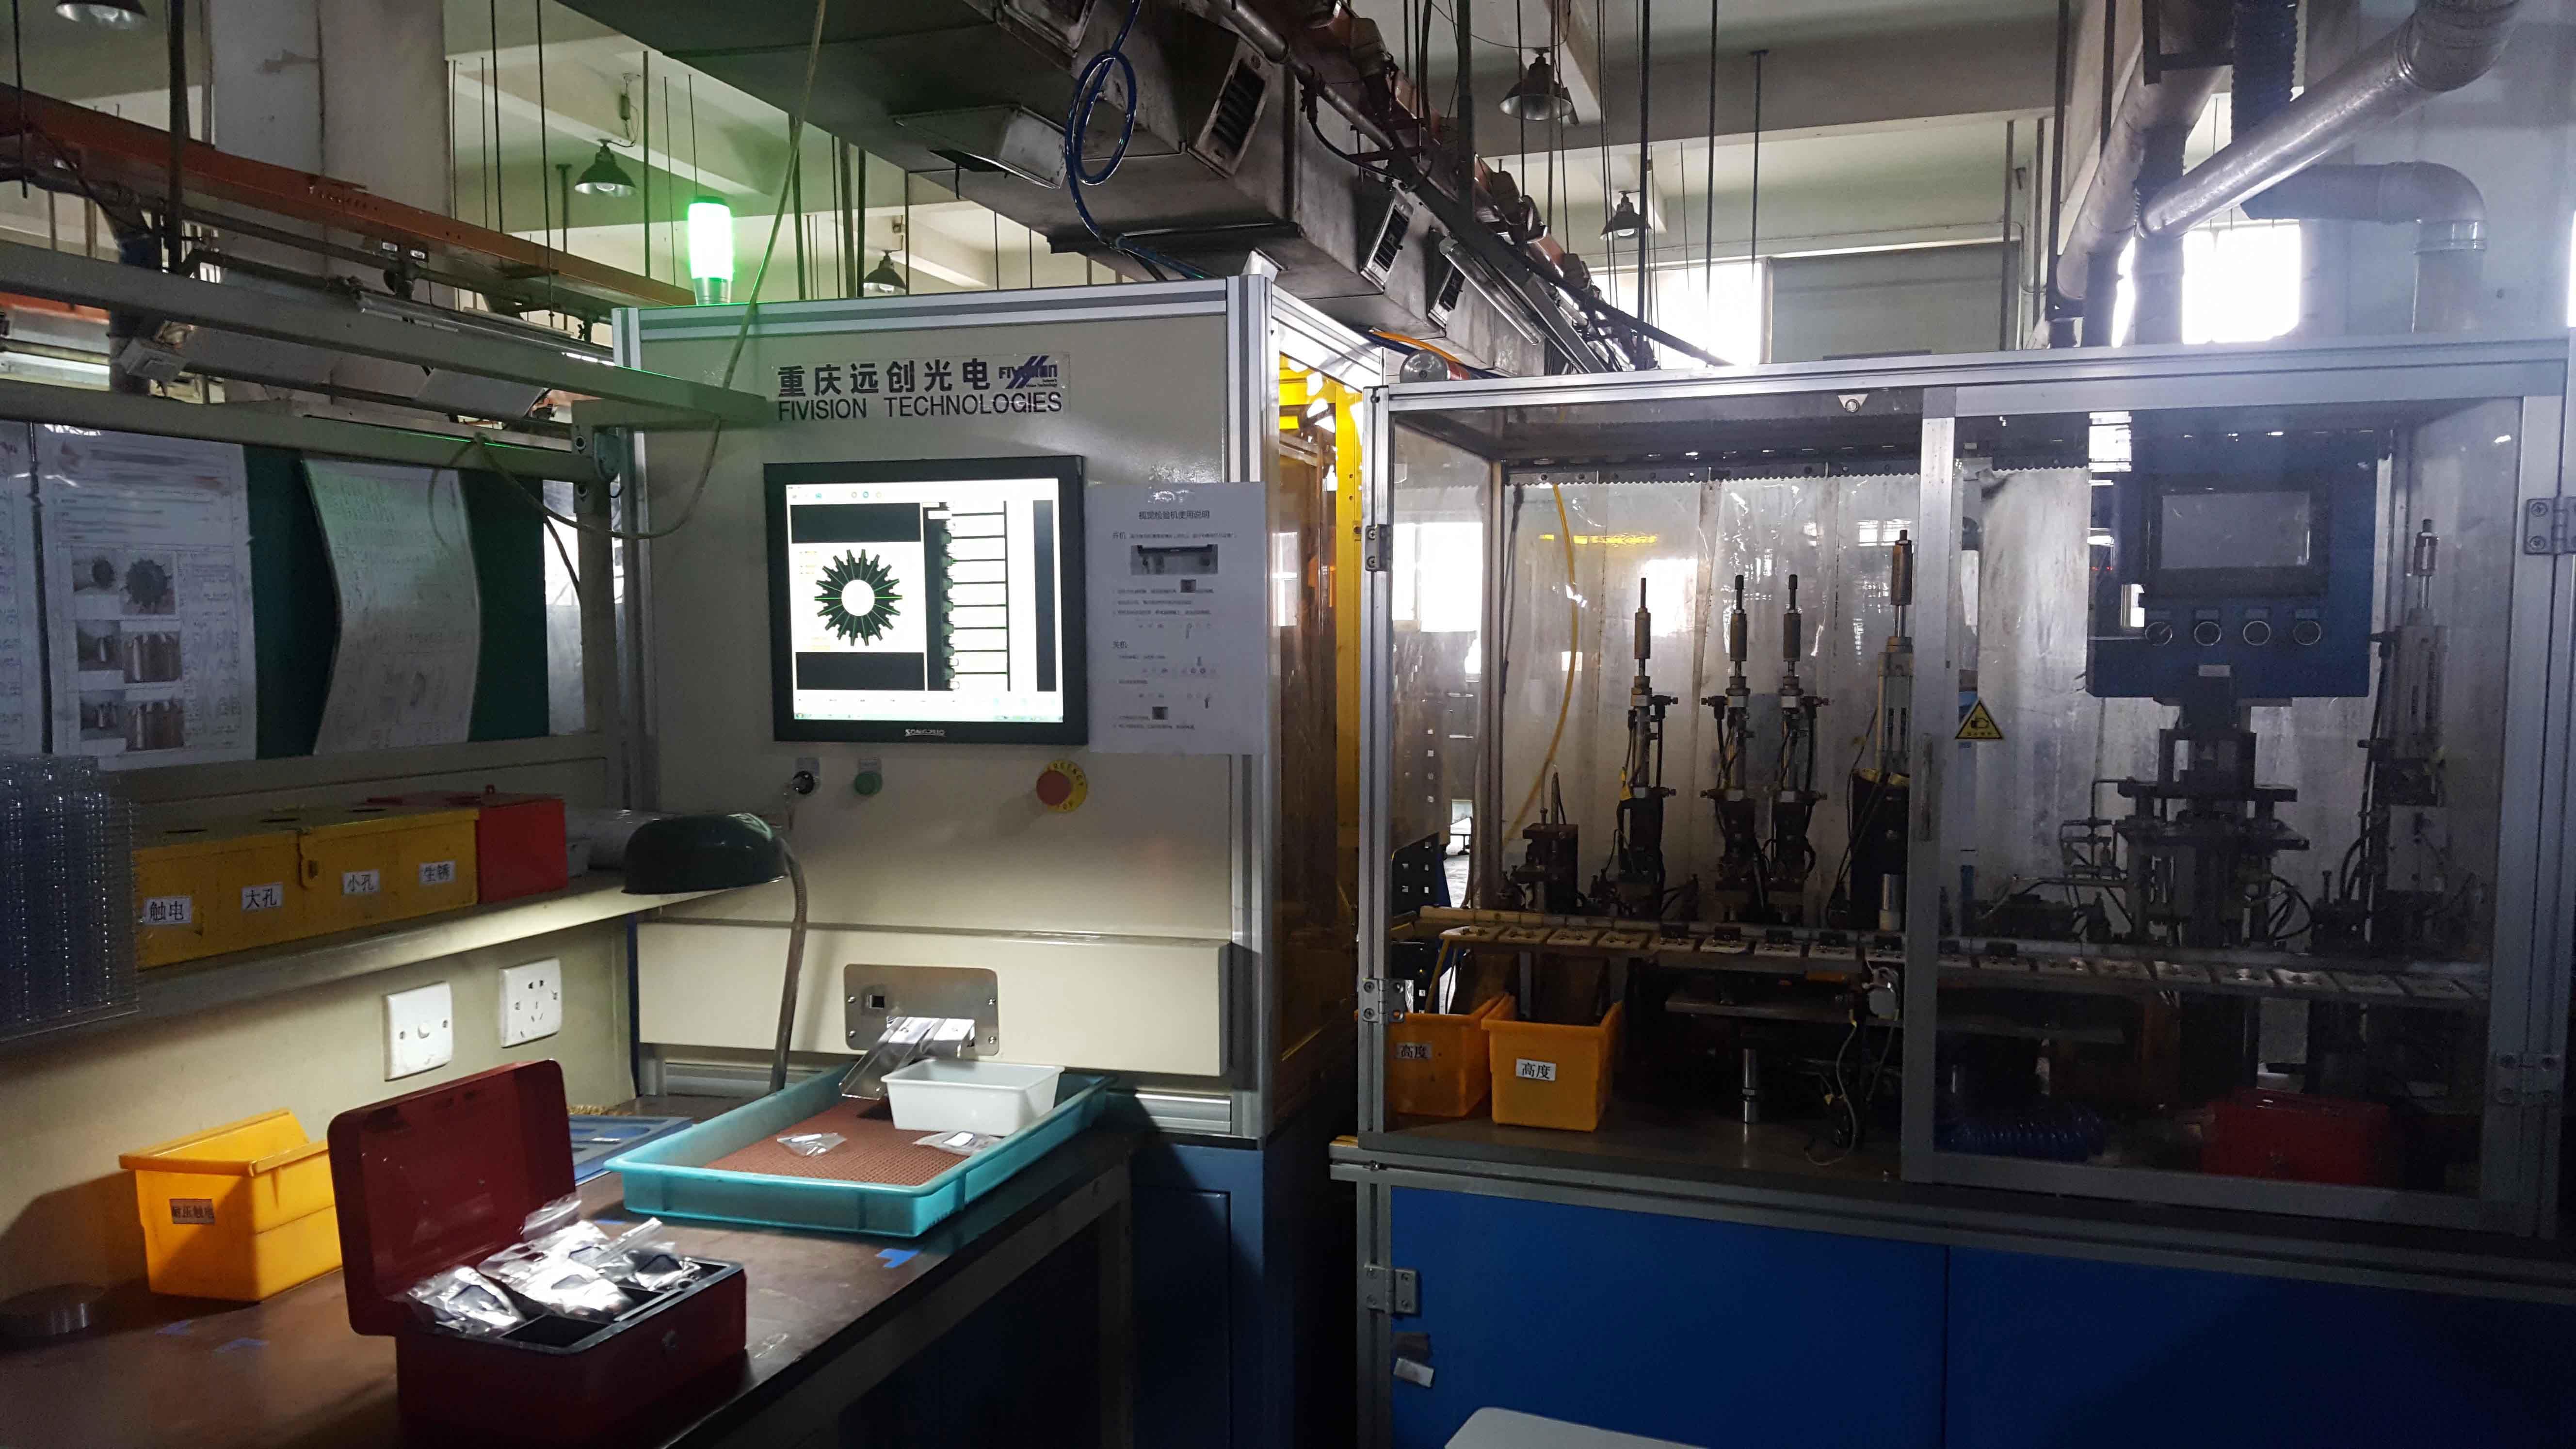 電機換向器自動化在線視覺檢測設備第三代